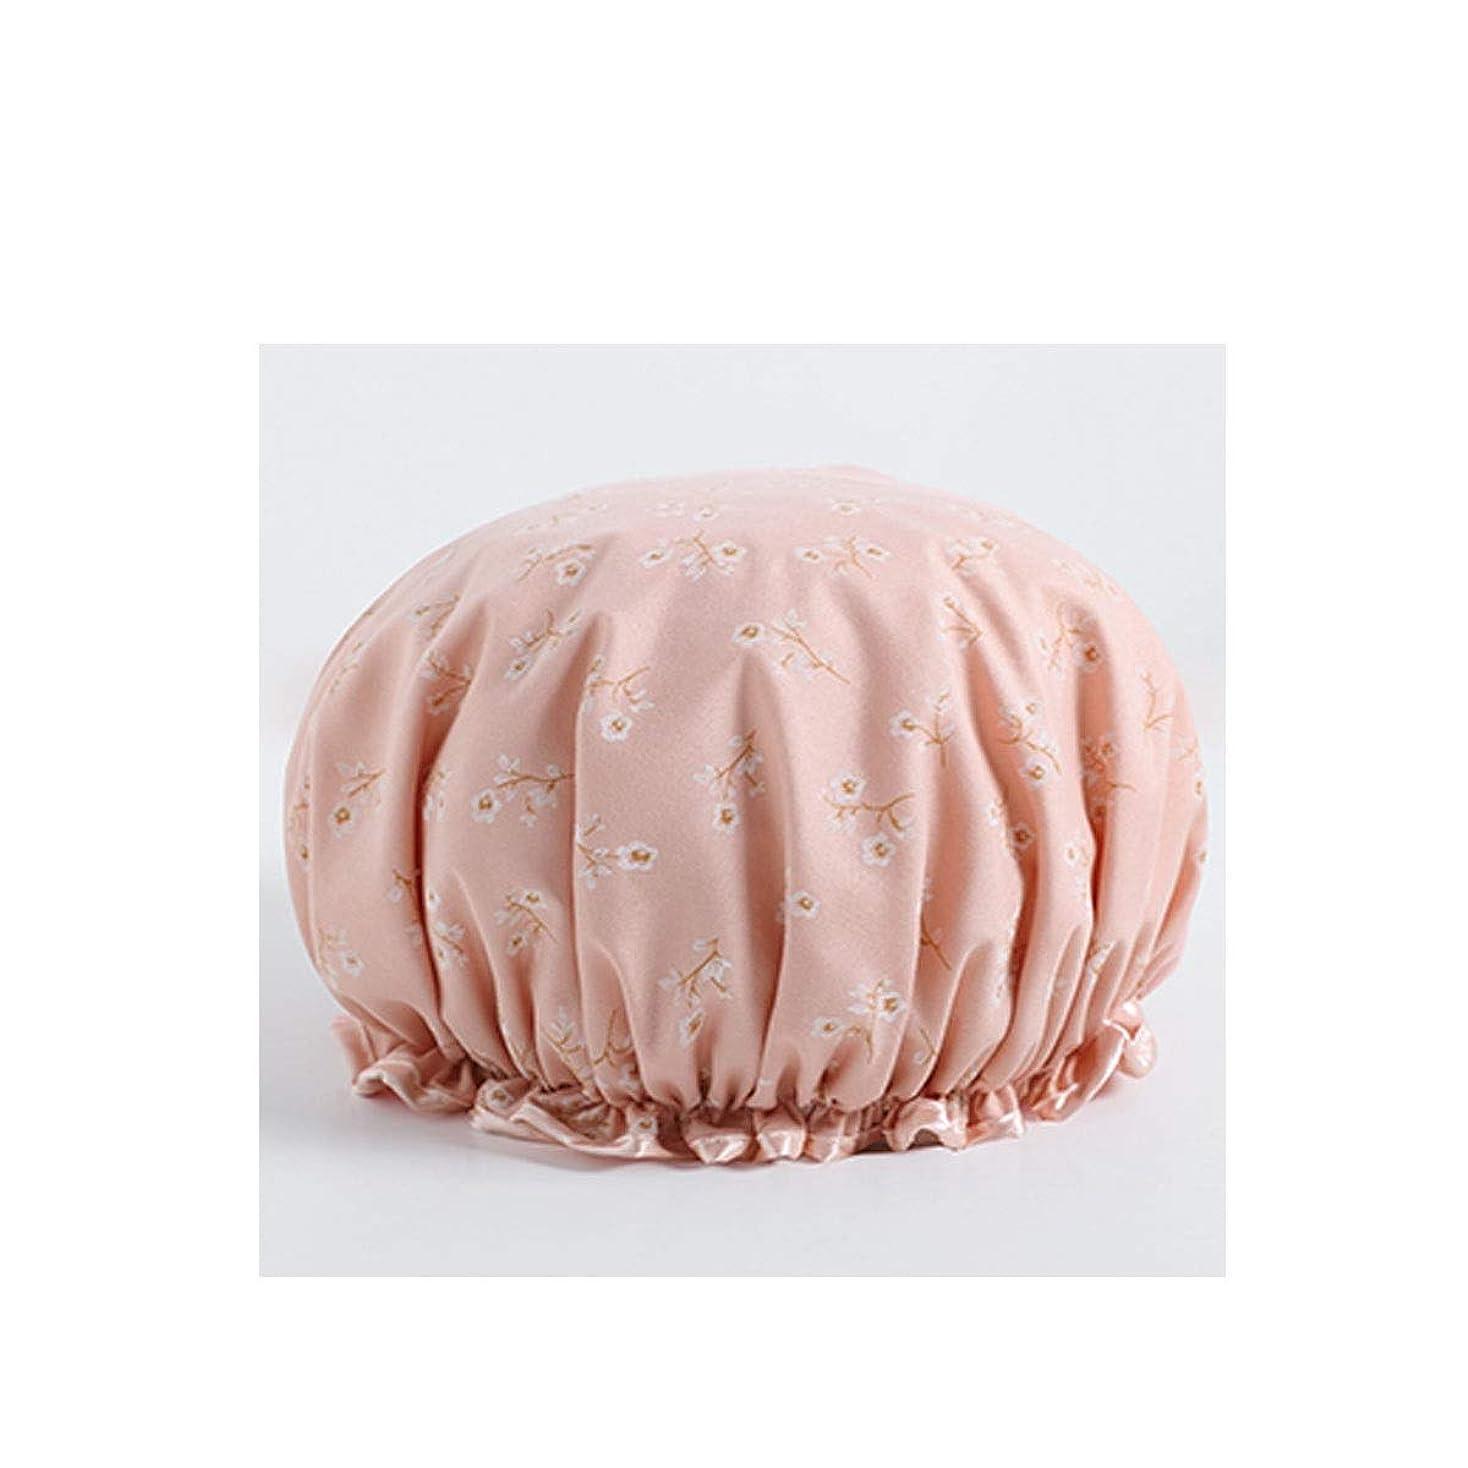 ご近所振動させる作るXIONGHAIZI シャワーキャップ、防水シャワーキャップ、大人用シャワーキャップ、シャンプーキャップ、かわいいスカーフ、キッチンレディーススカーフ、三仕様 (Color : C pink)